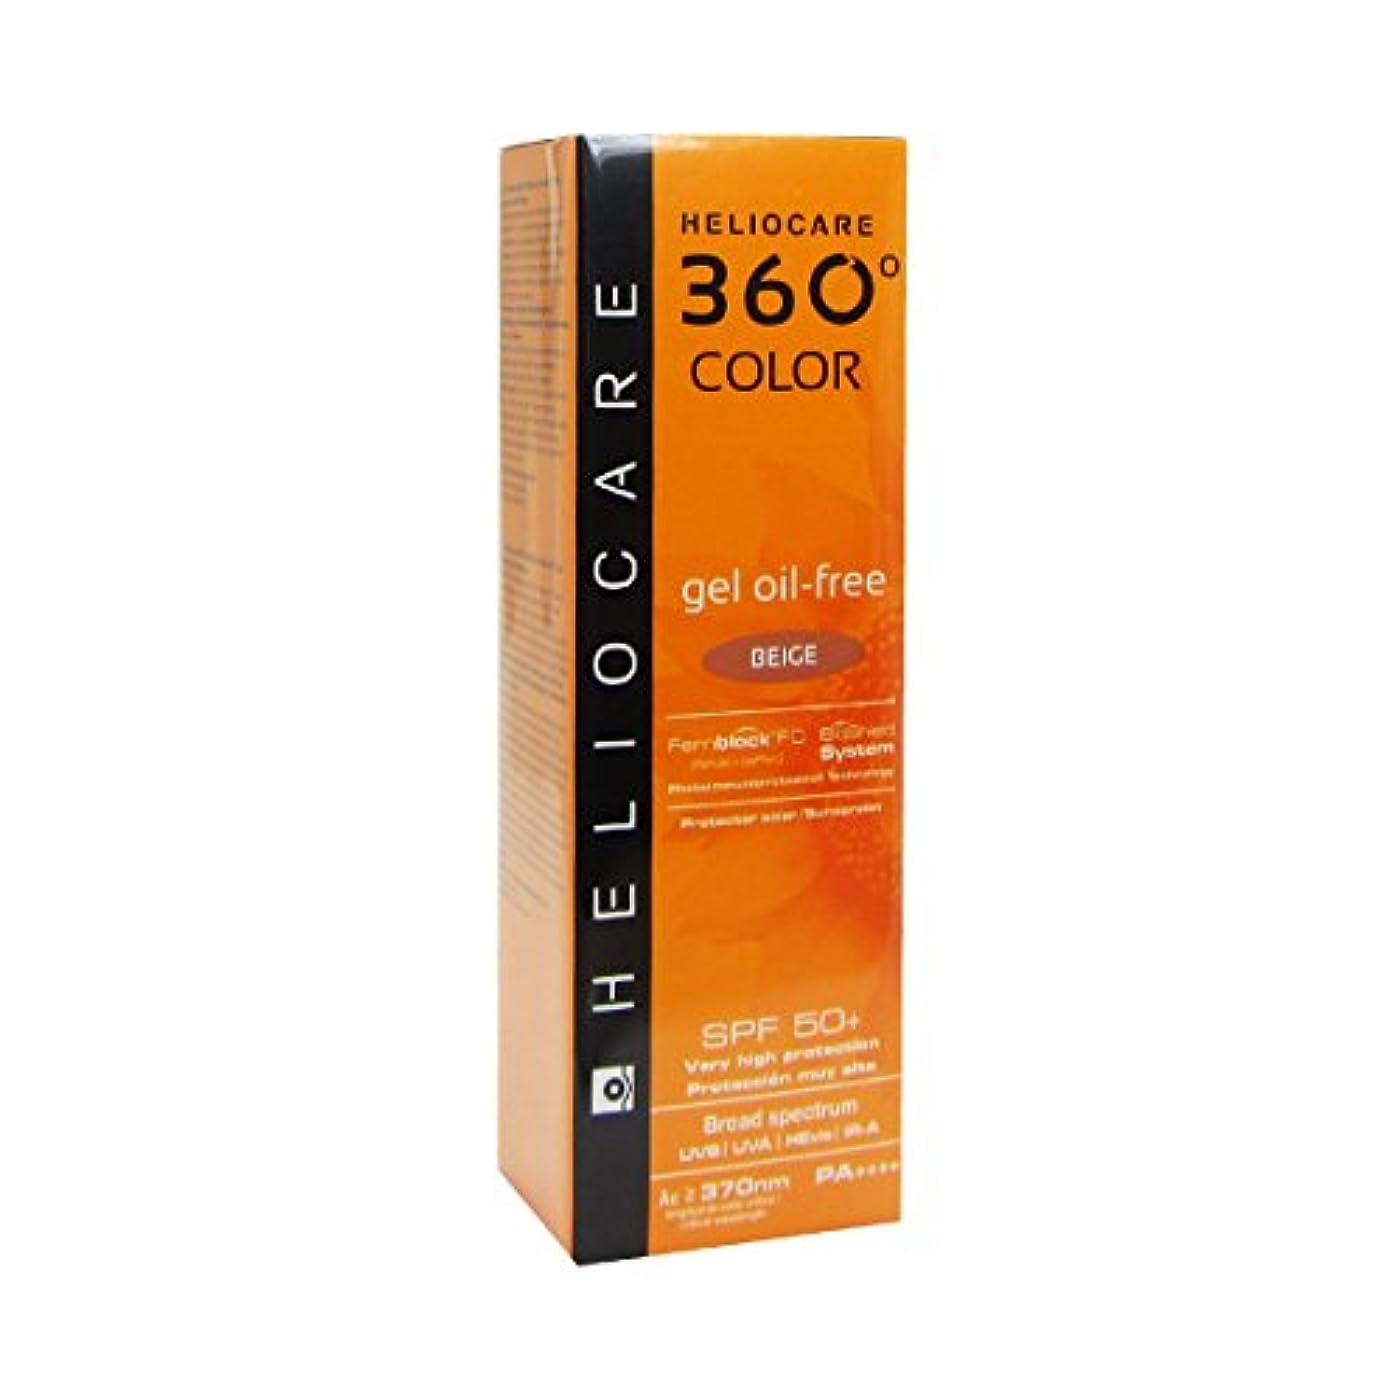 お世話になった猫背矛盾するHeliocare 360 Gel-color Oil-free Spf50 Beige 50ml [並行輸入品]